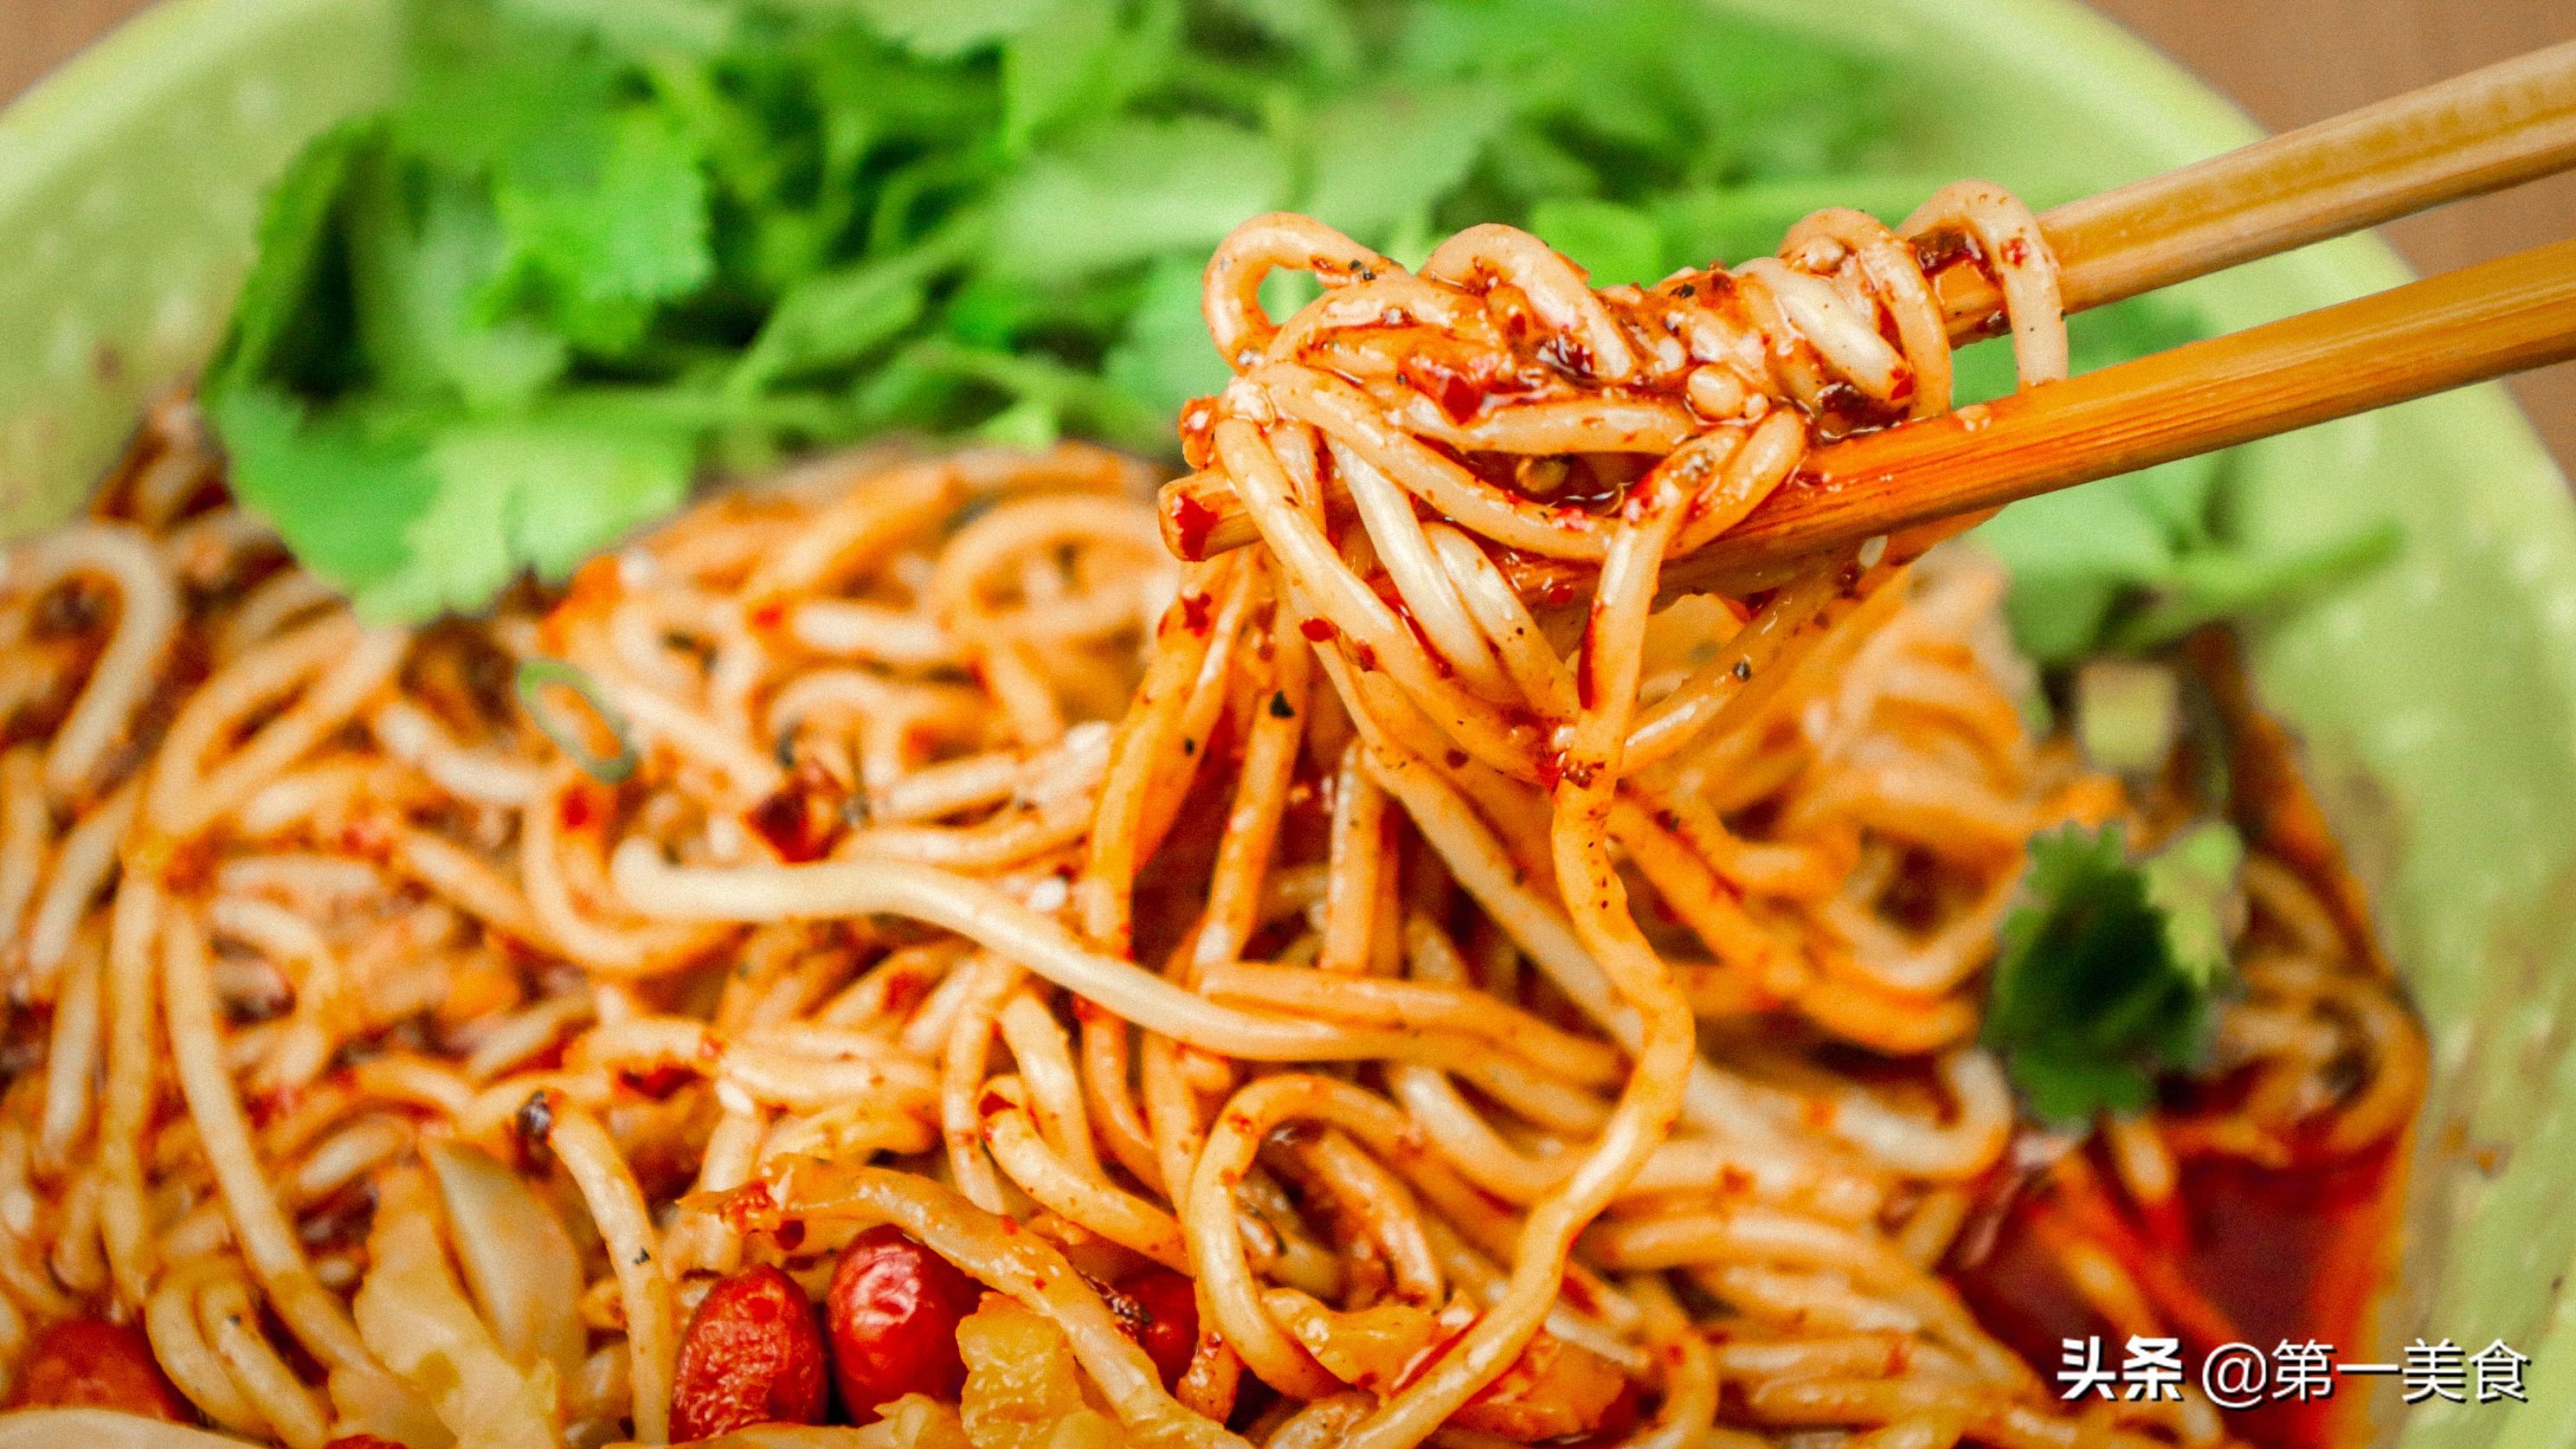 家常小面怎样做才麻辣又好吃 关键就在这碗辣椒红油 麻辣鲜香